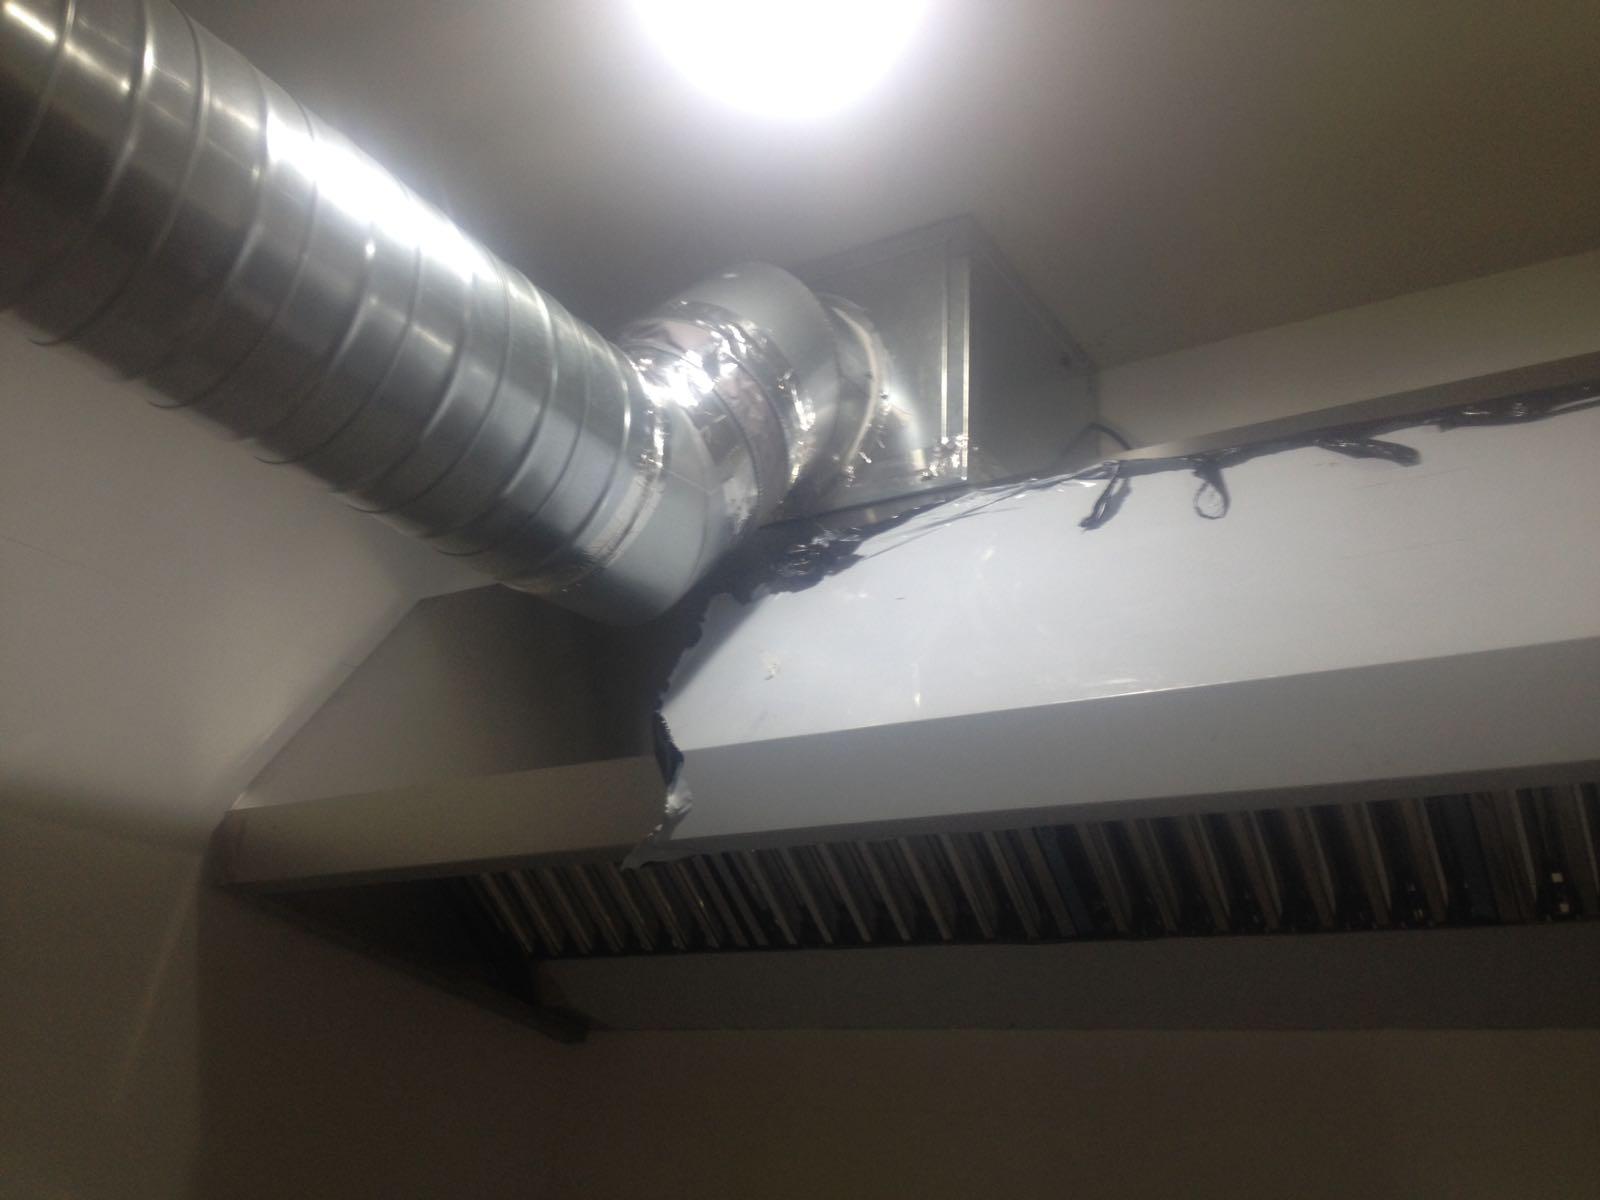 Salida de humos instalador salidas humos y tubos - Tubos para salida humos cocina ...